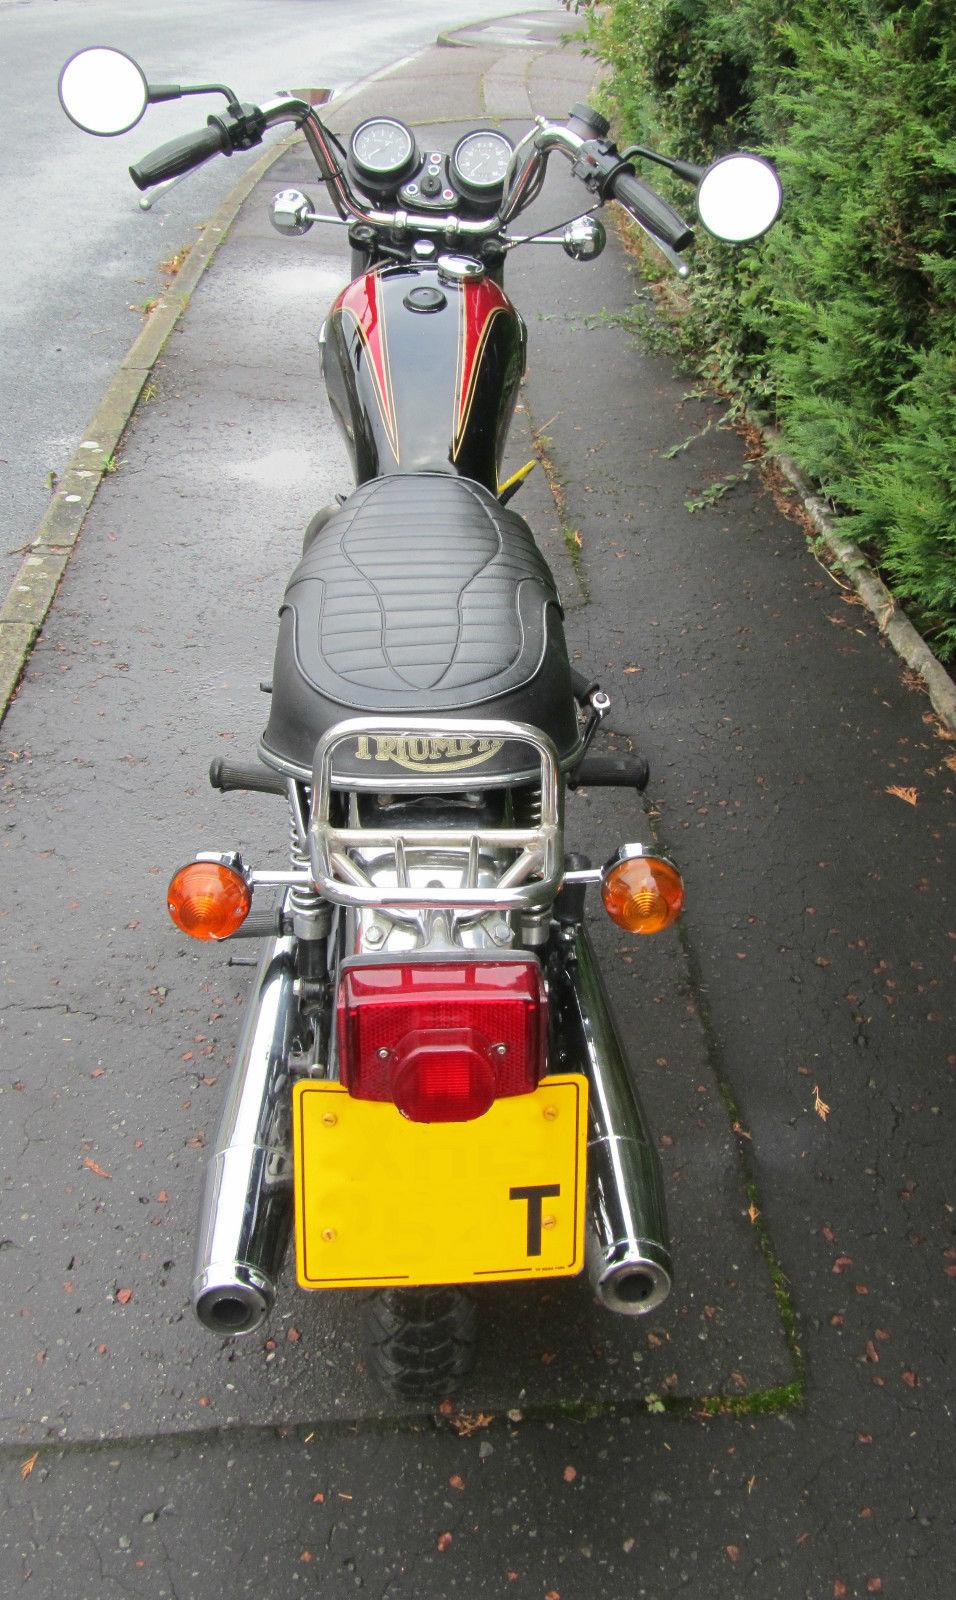 Triumph Bonneville T140 Motorcycle 750cc 1978 Restore Or Ride